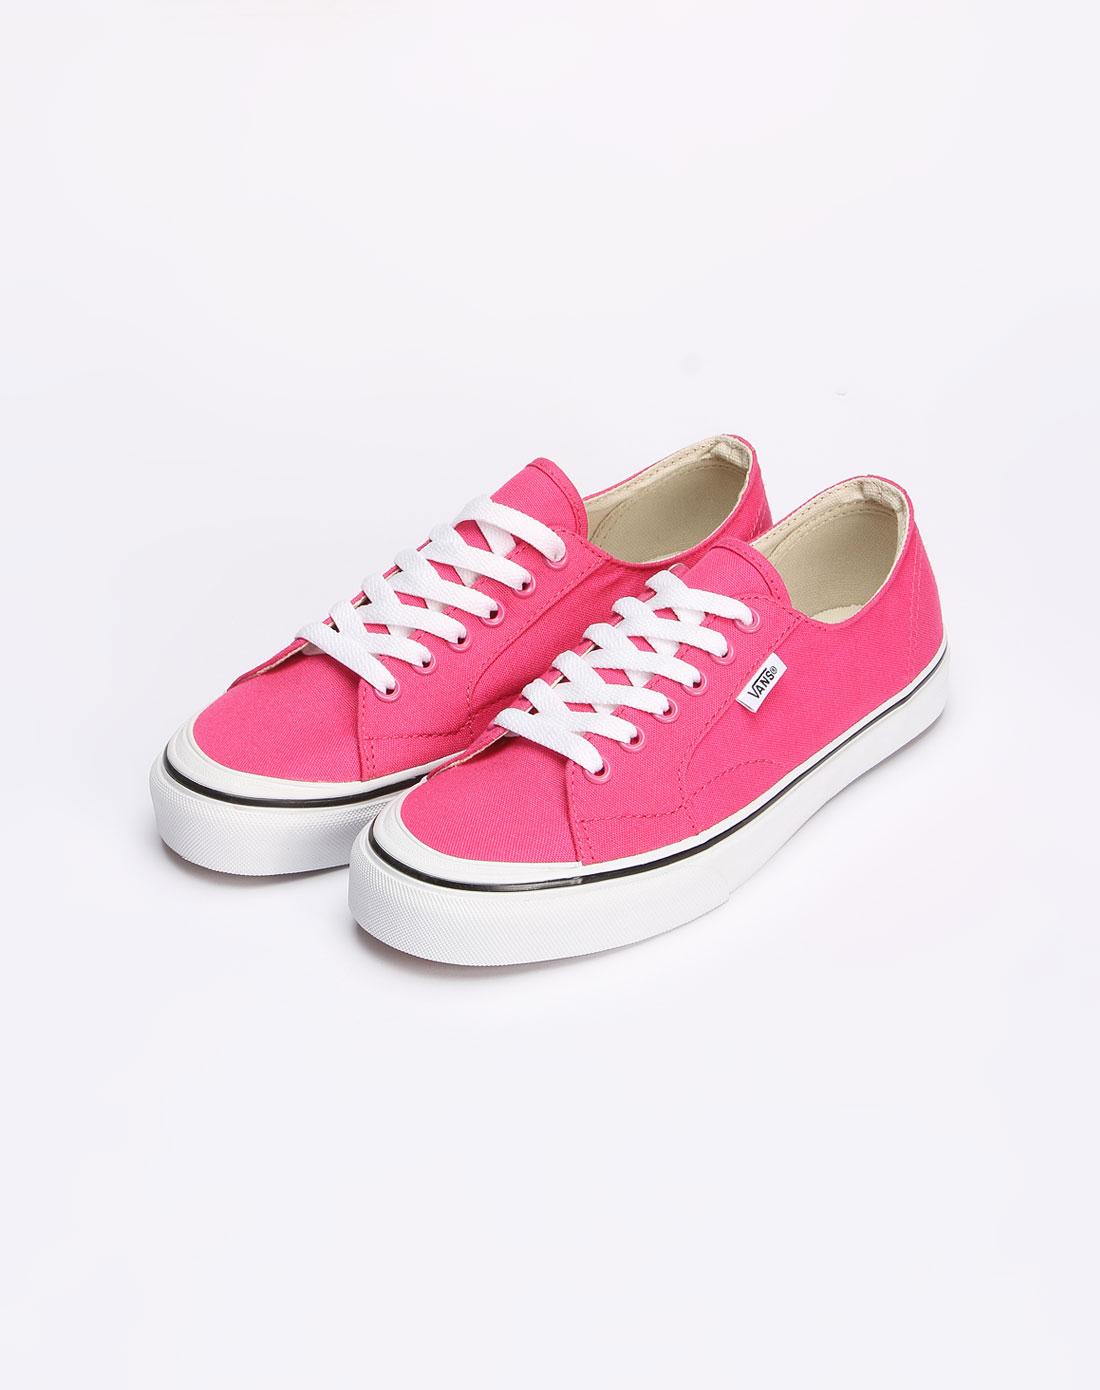 范斯vans男女女款桃红色休闲帆布鞋vn-0l9b4m8